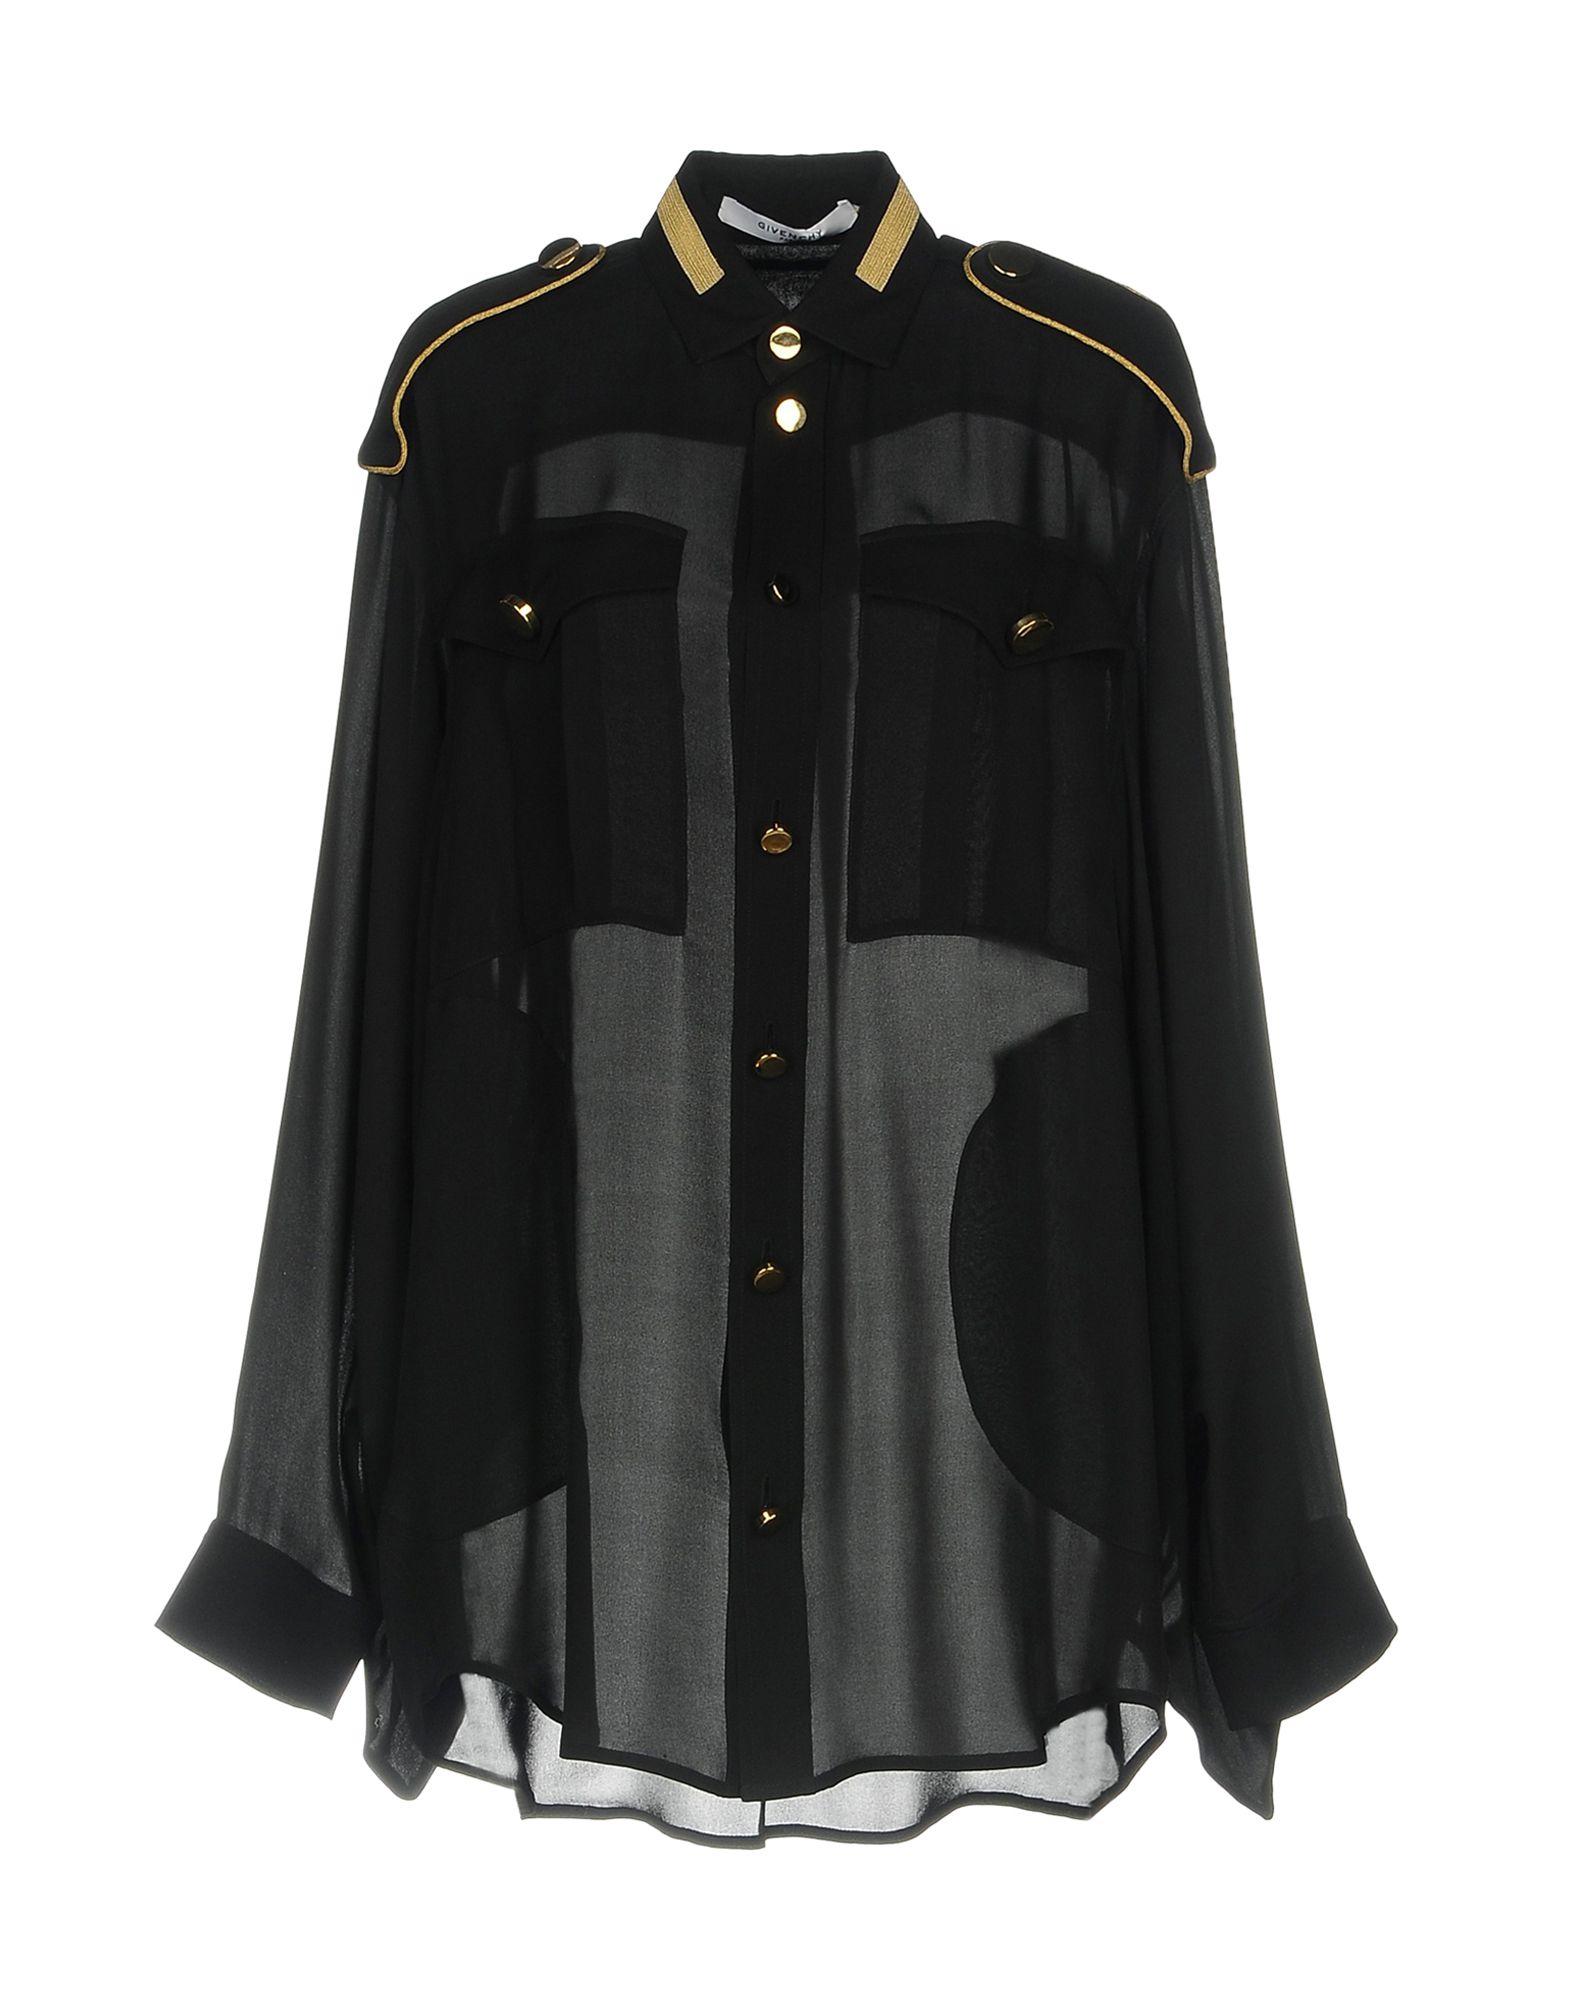 Camicie E Bluse In Seta Givenchy Donna - Acquista online su AlGu0vT061